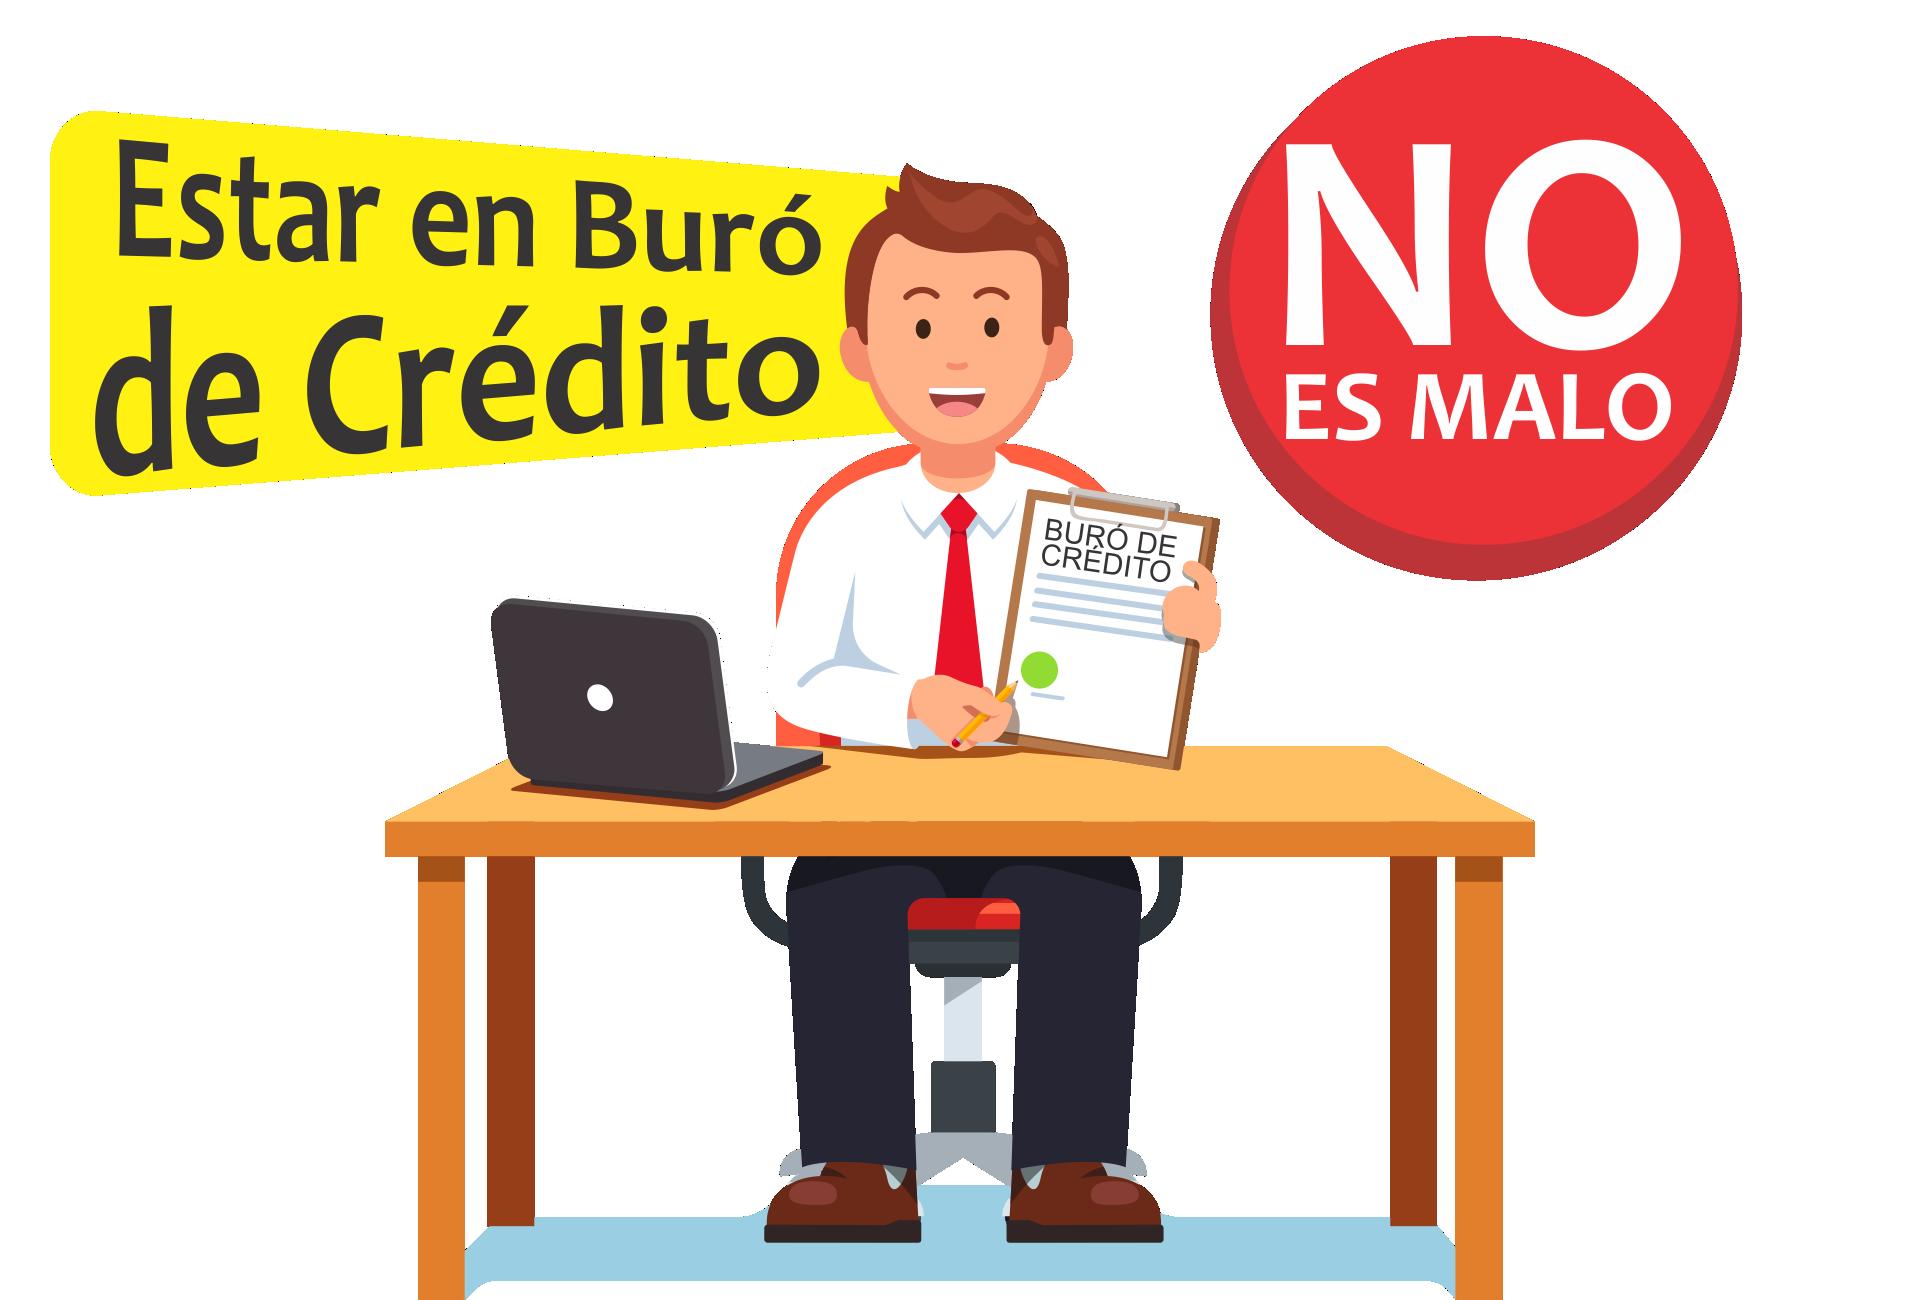 ¿Cuánto tiempo tardan en eliminarme del buró de crédito?